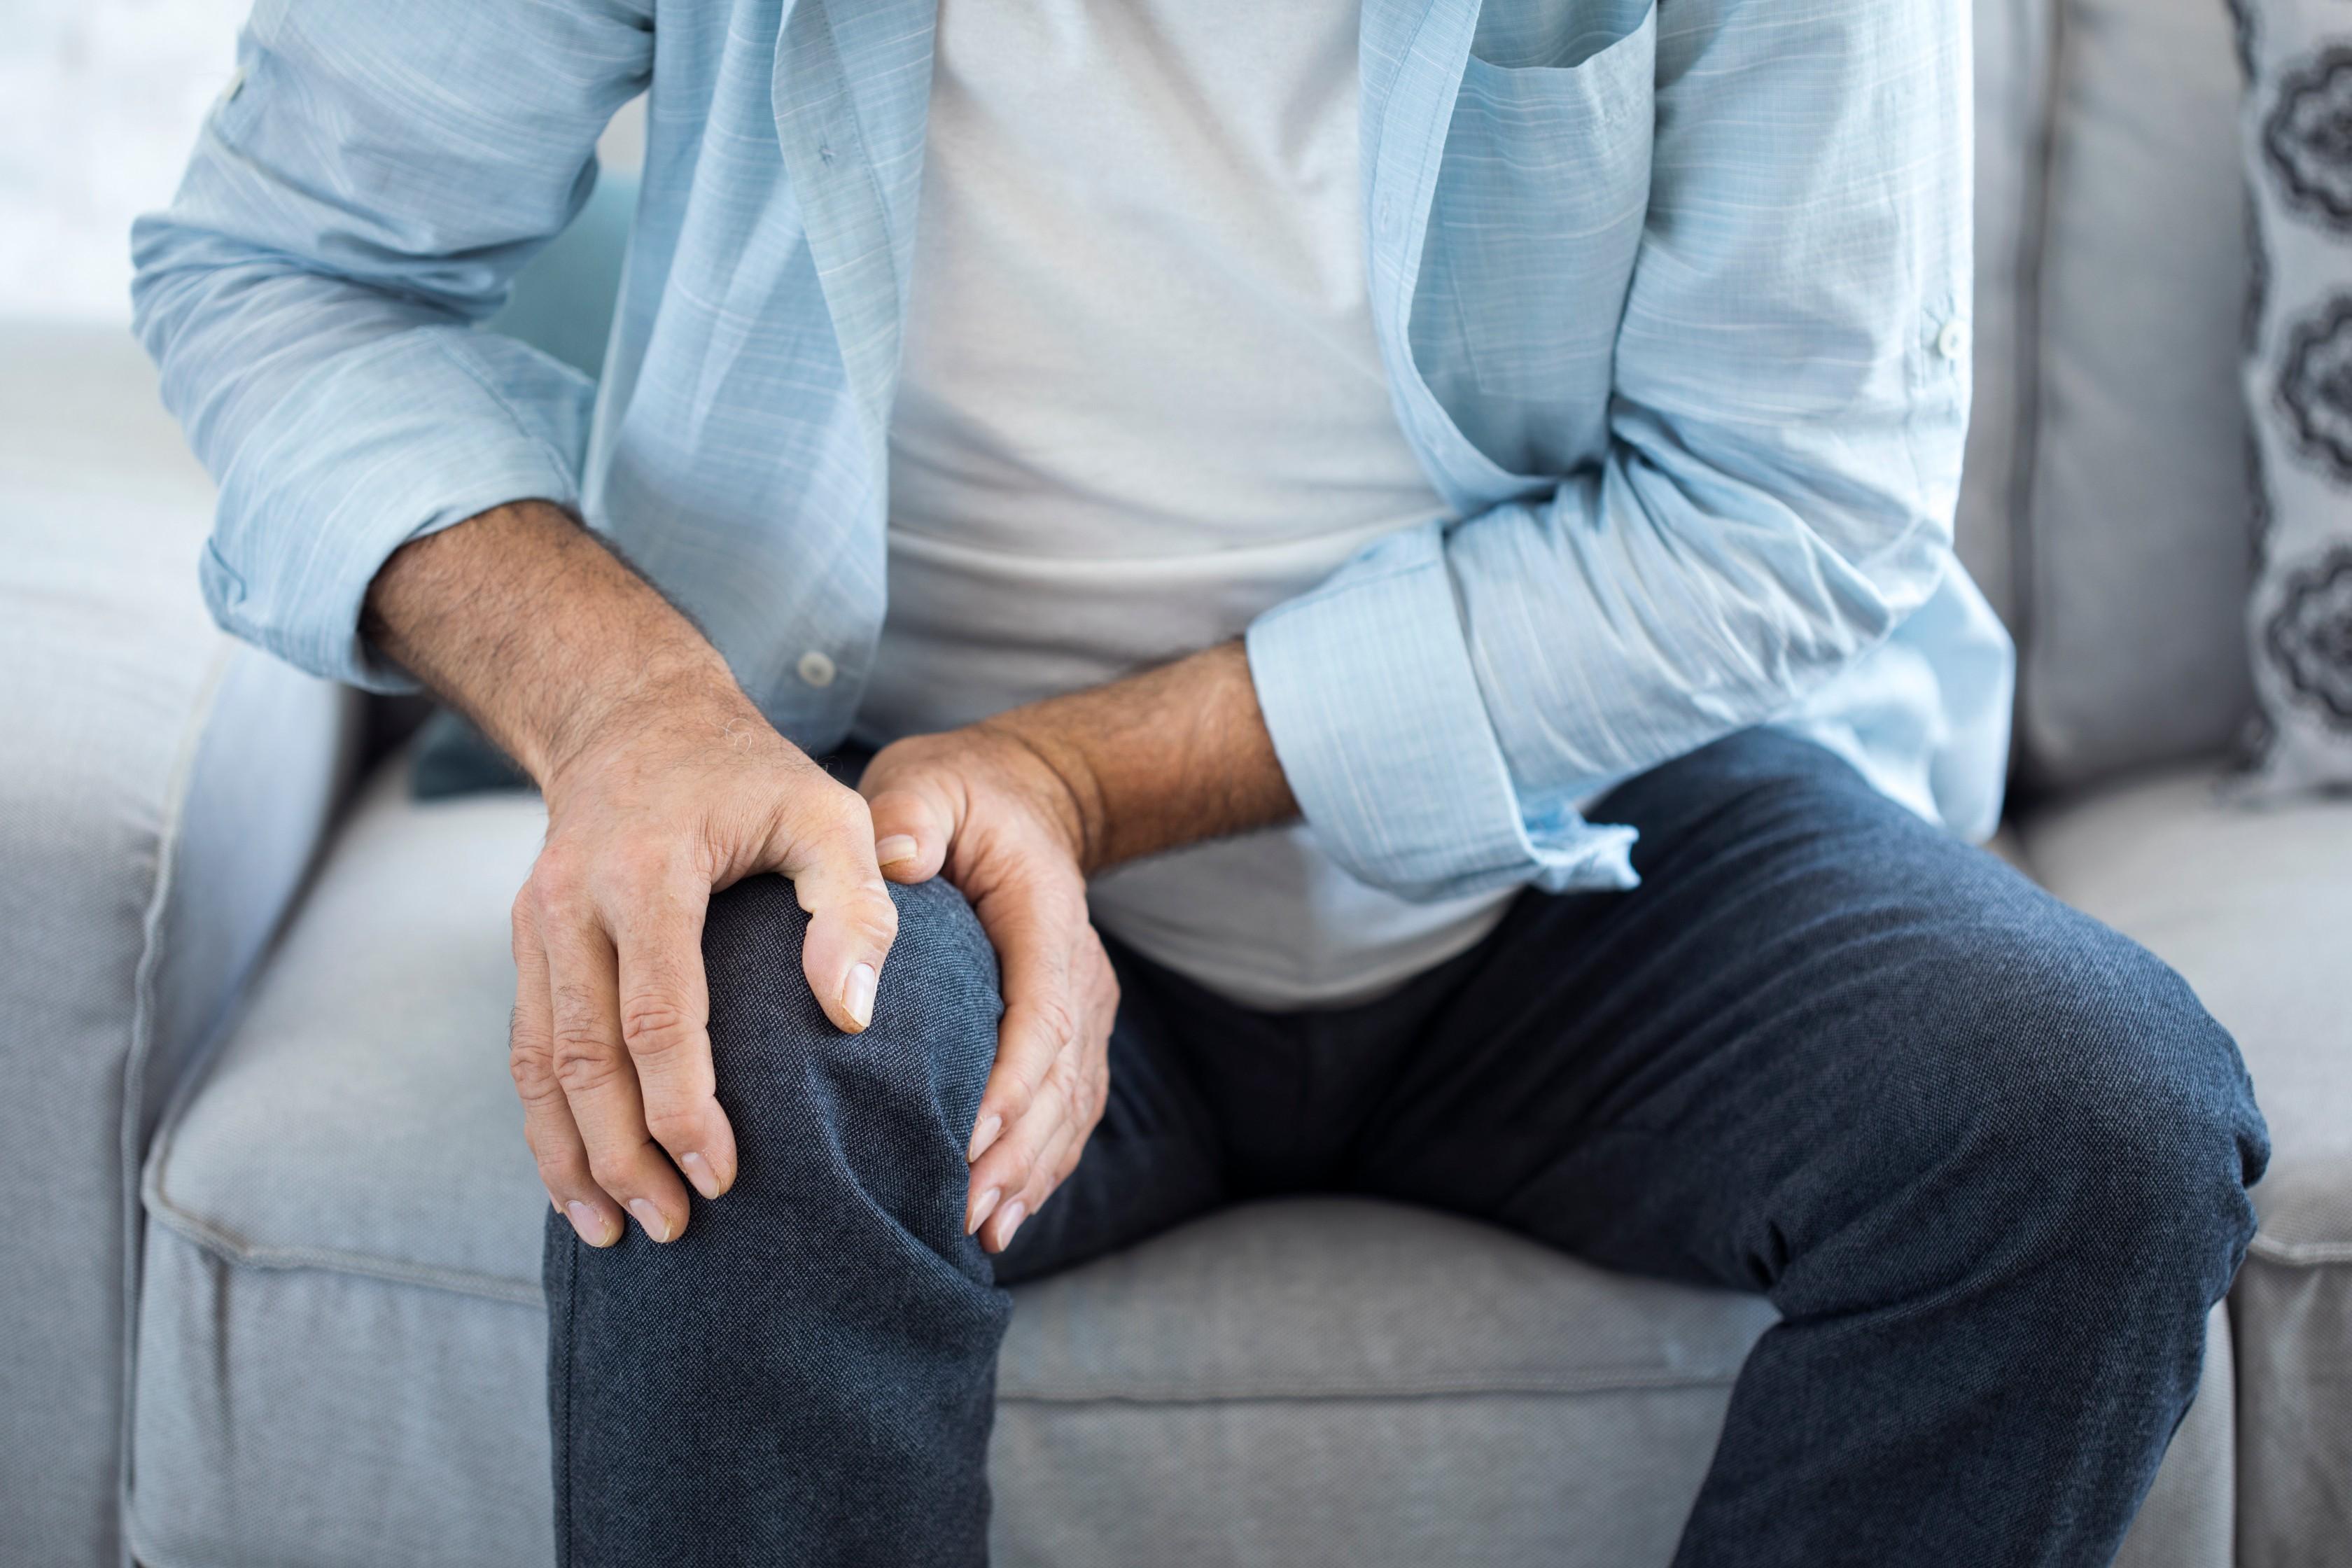 esr ízületi fájdalom esetén